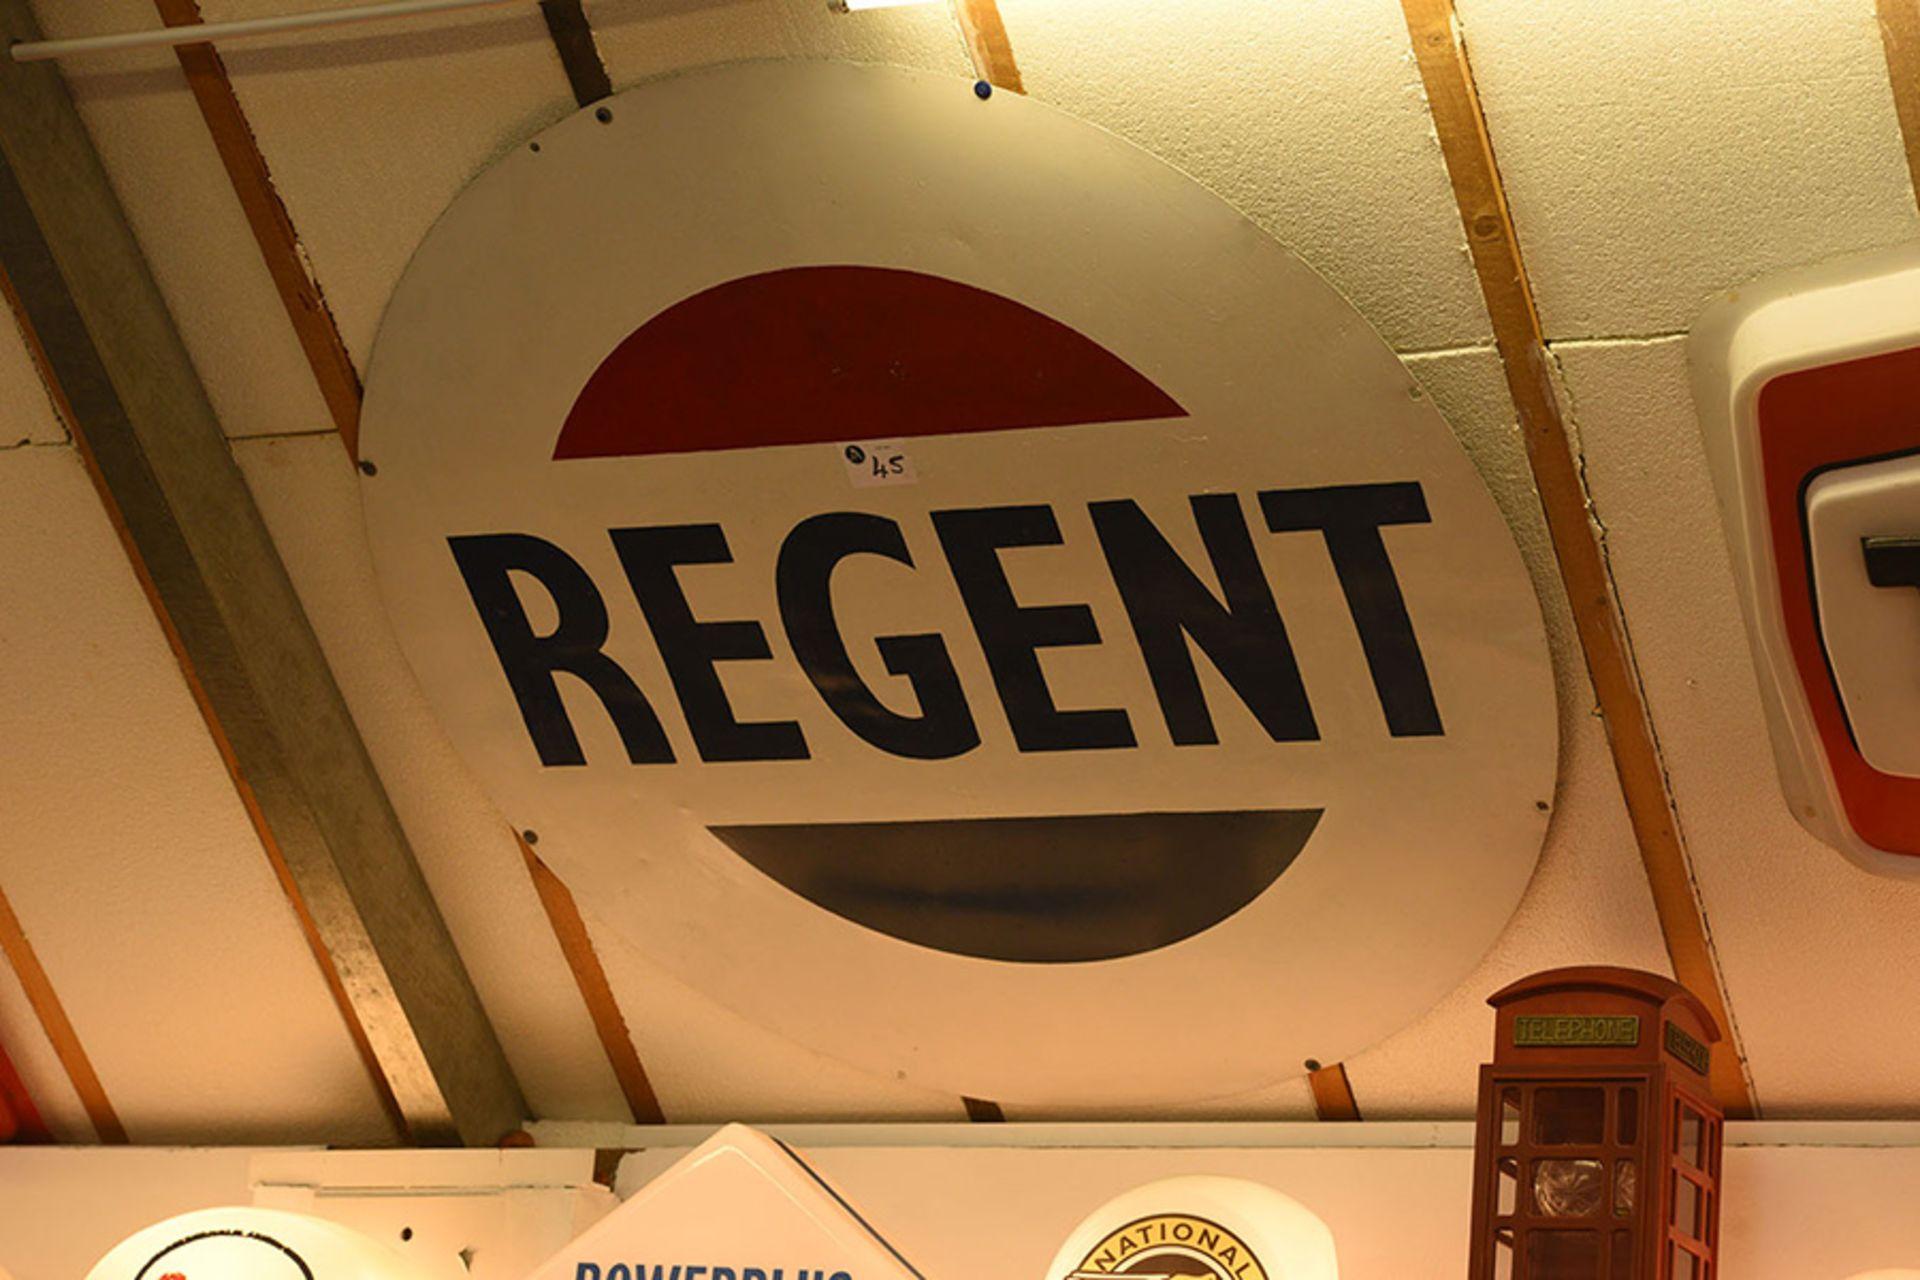 Lot 45 - Regent Metal Wall Sign